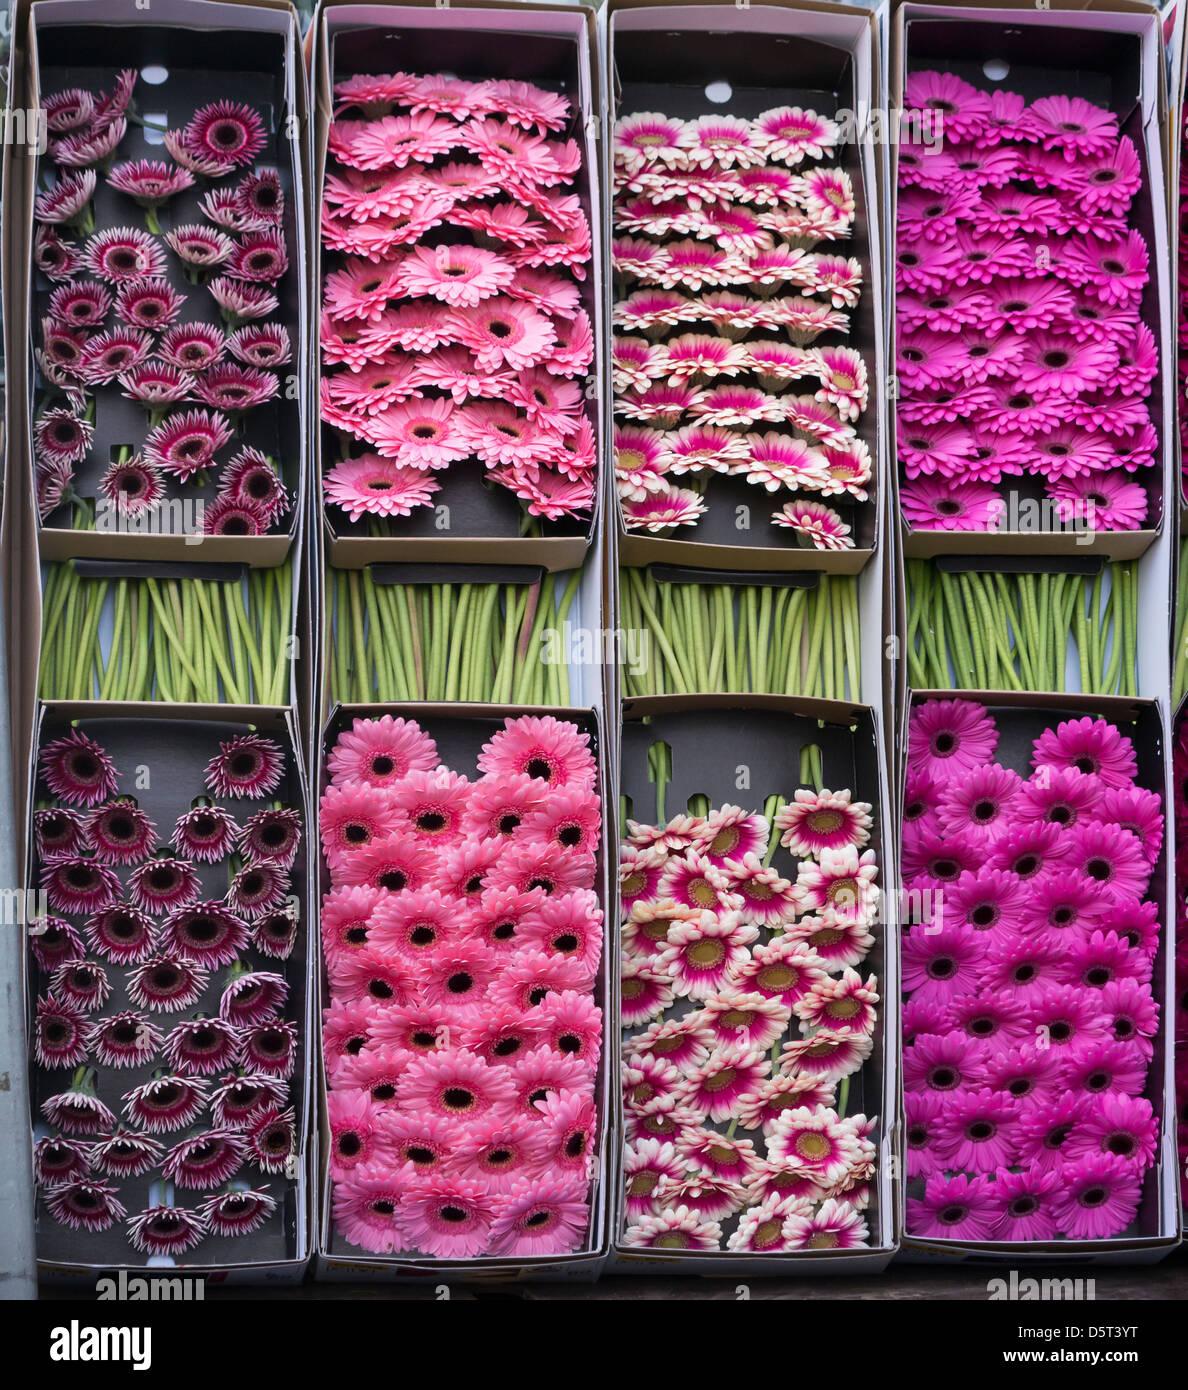 Boîtes de fleurs coupées à Columbia Road Flower Market, Londres Photo Stock